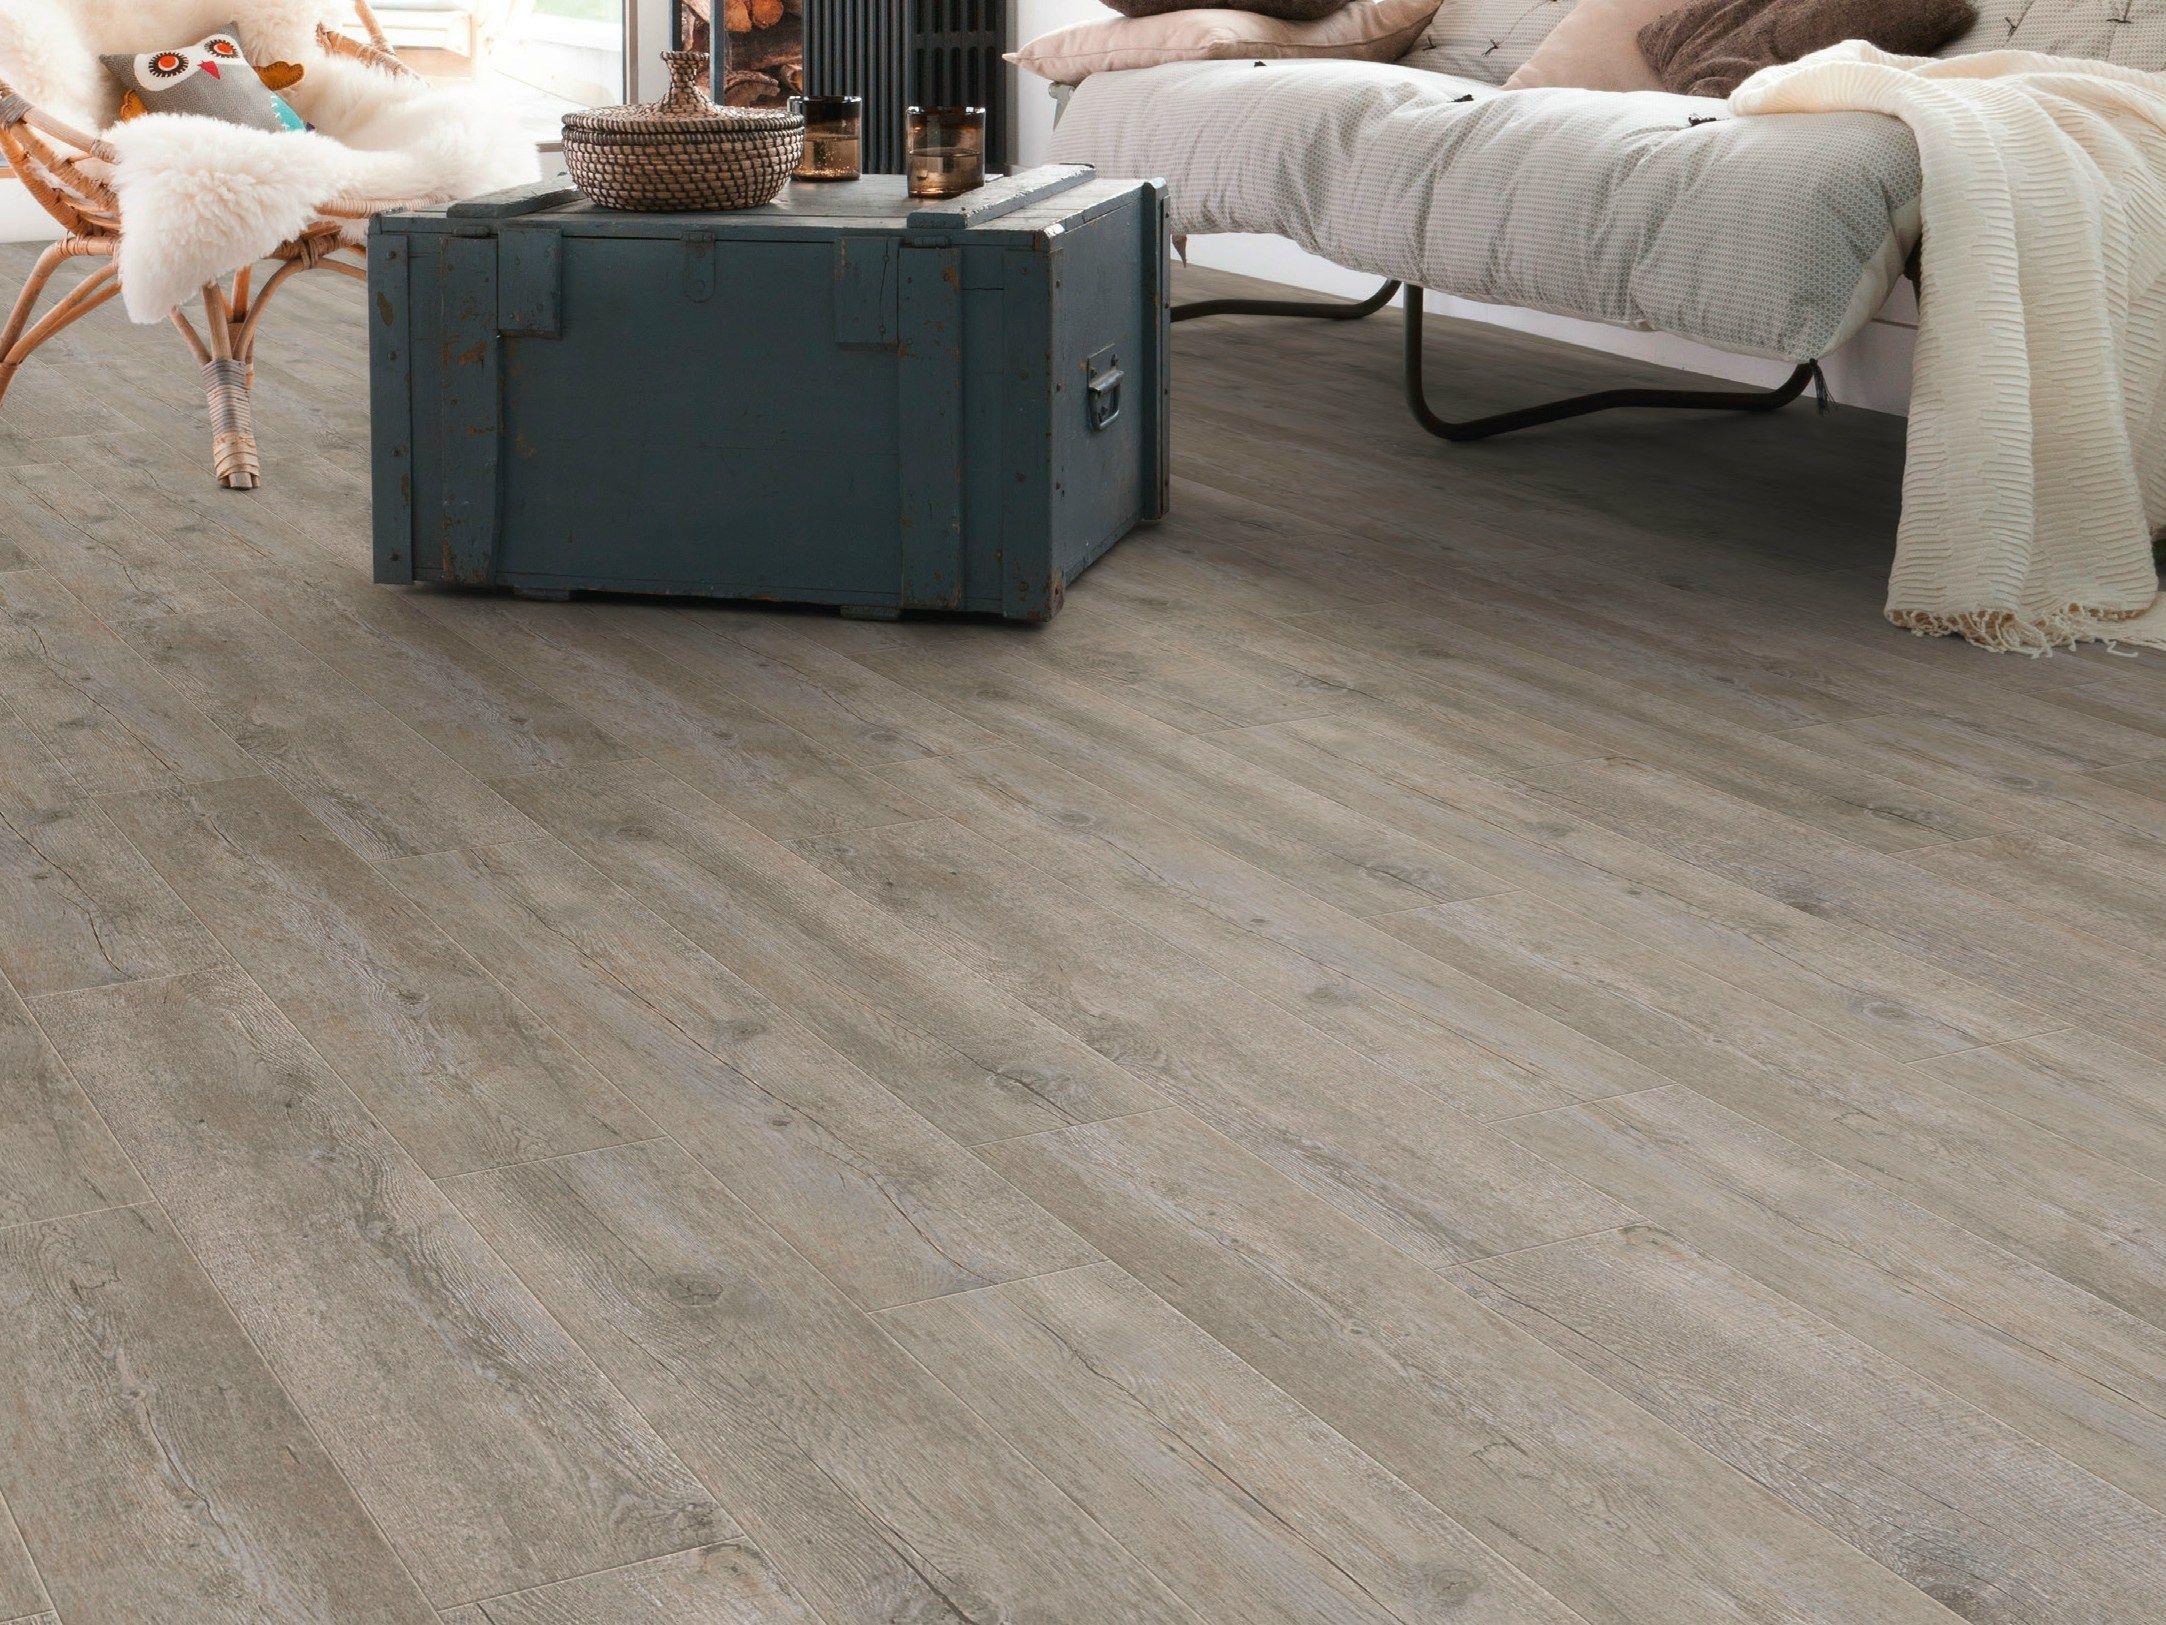 Anti Slip Self Adhesive Floor Tiles With Wood Effect Senso Lock Plus By Gerflor